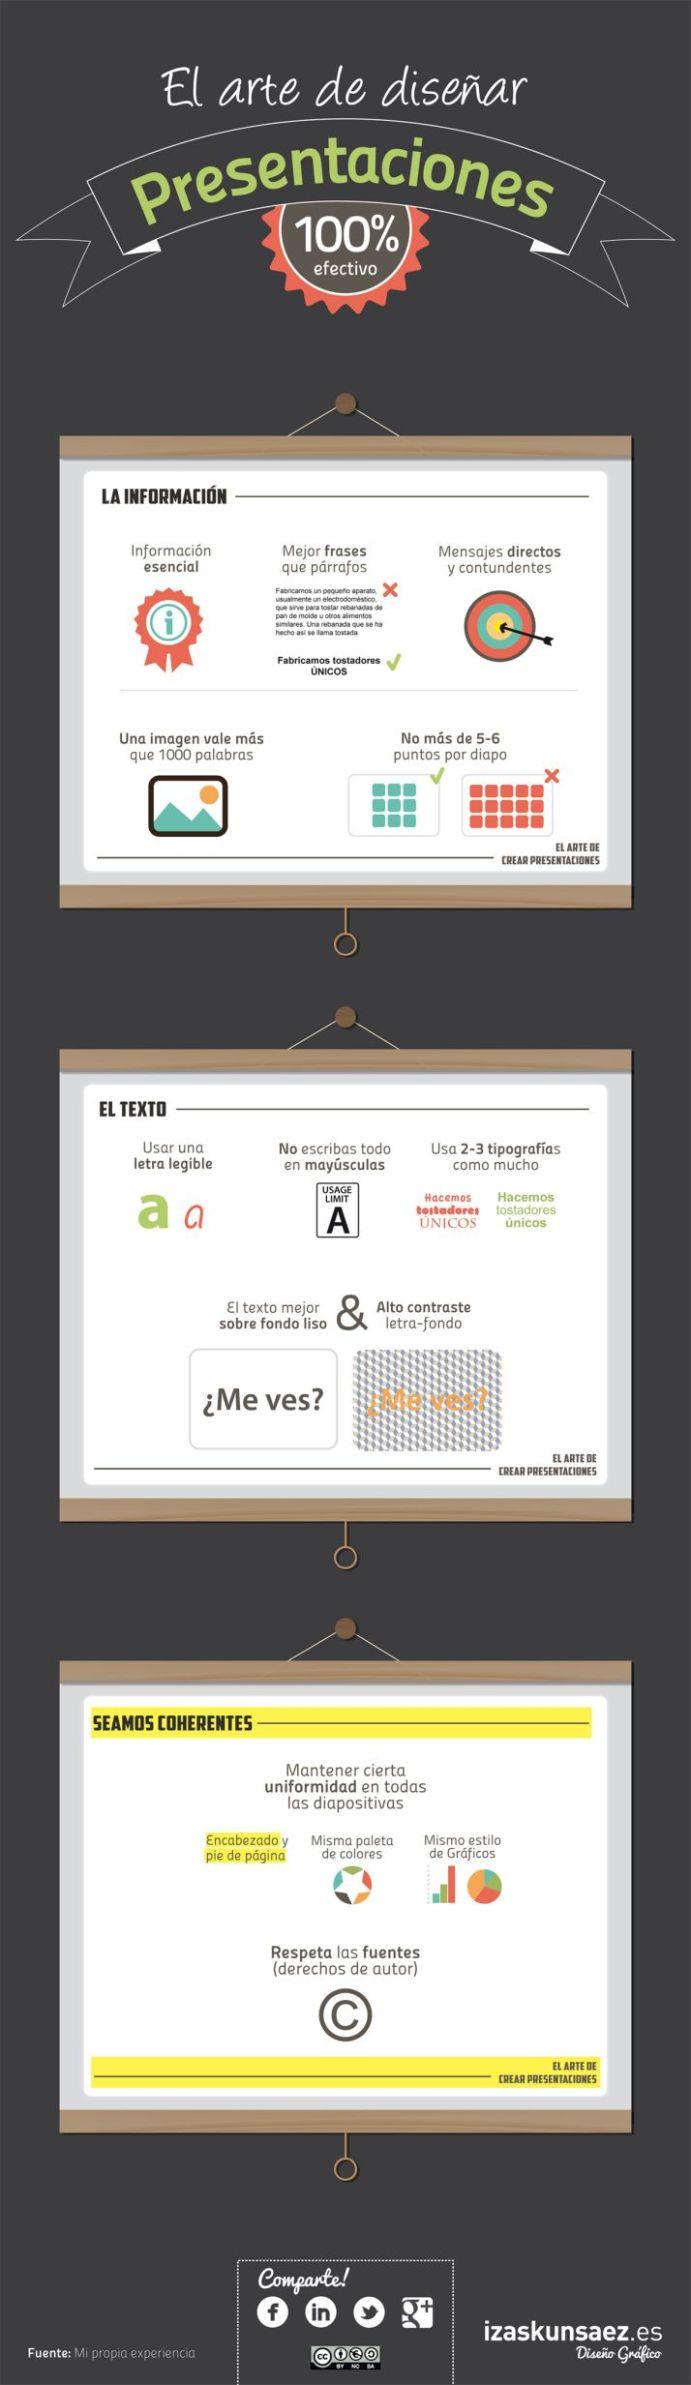 PresentacionesEfectivasArteDiseñarlas-Infografía-BlogGesvin